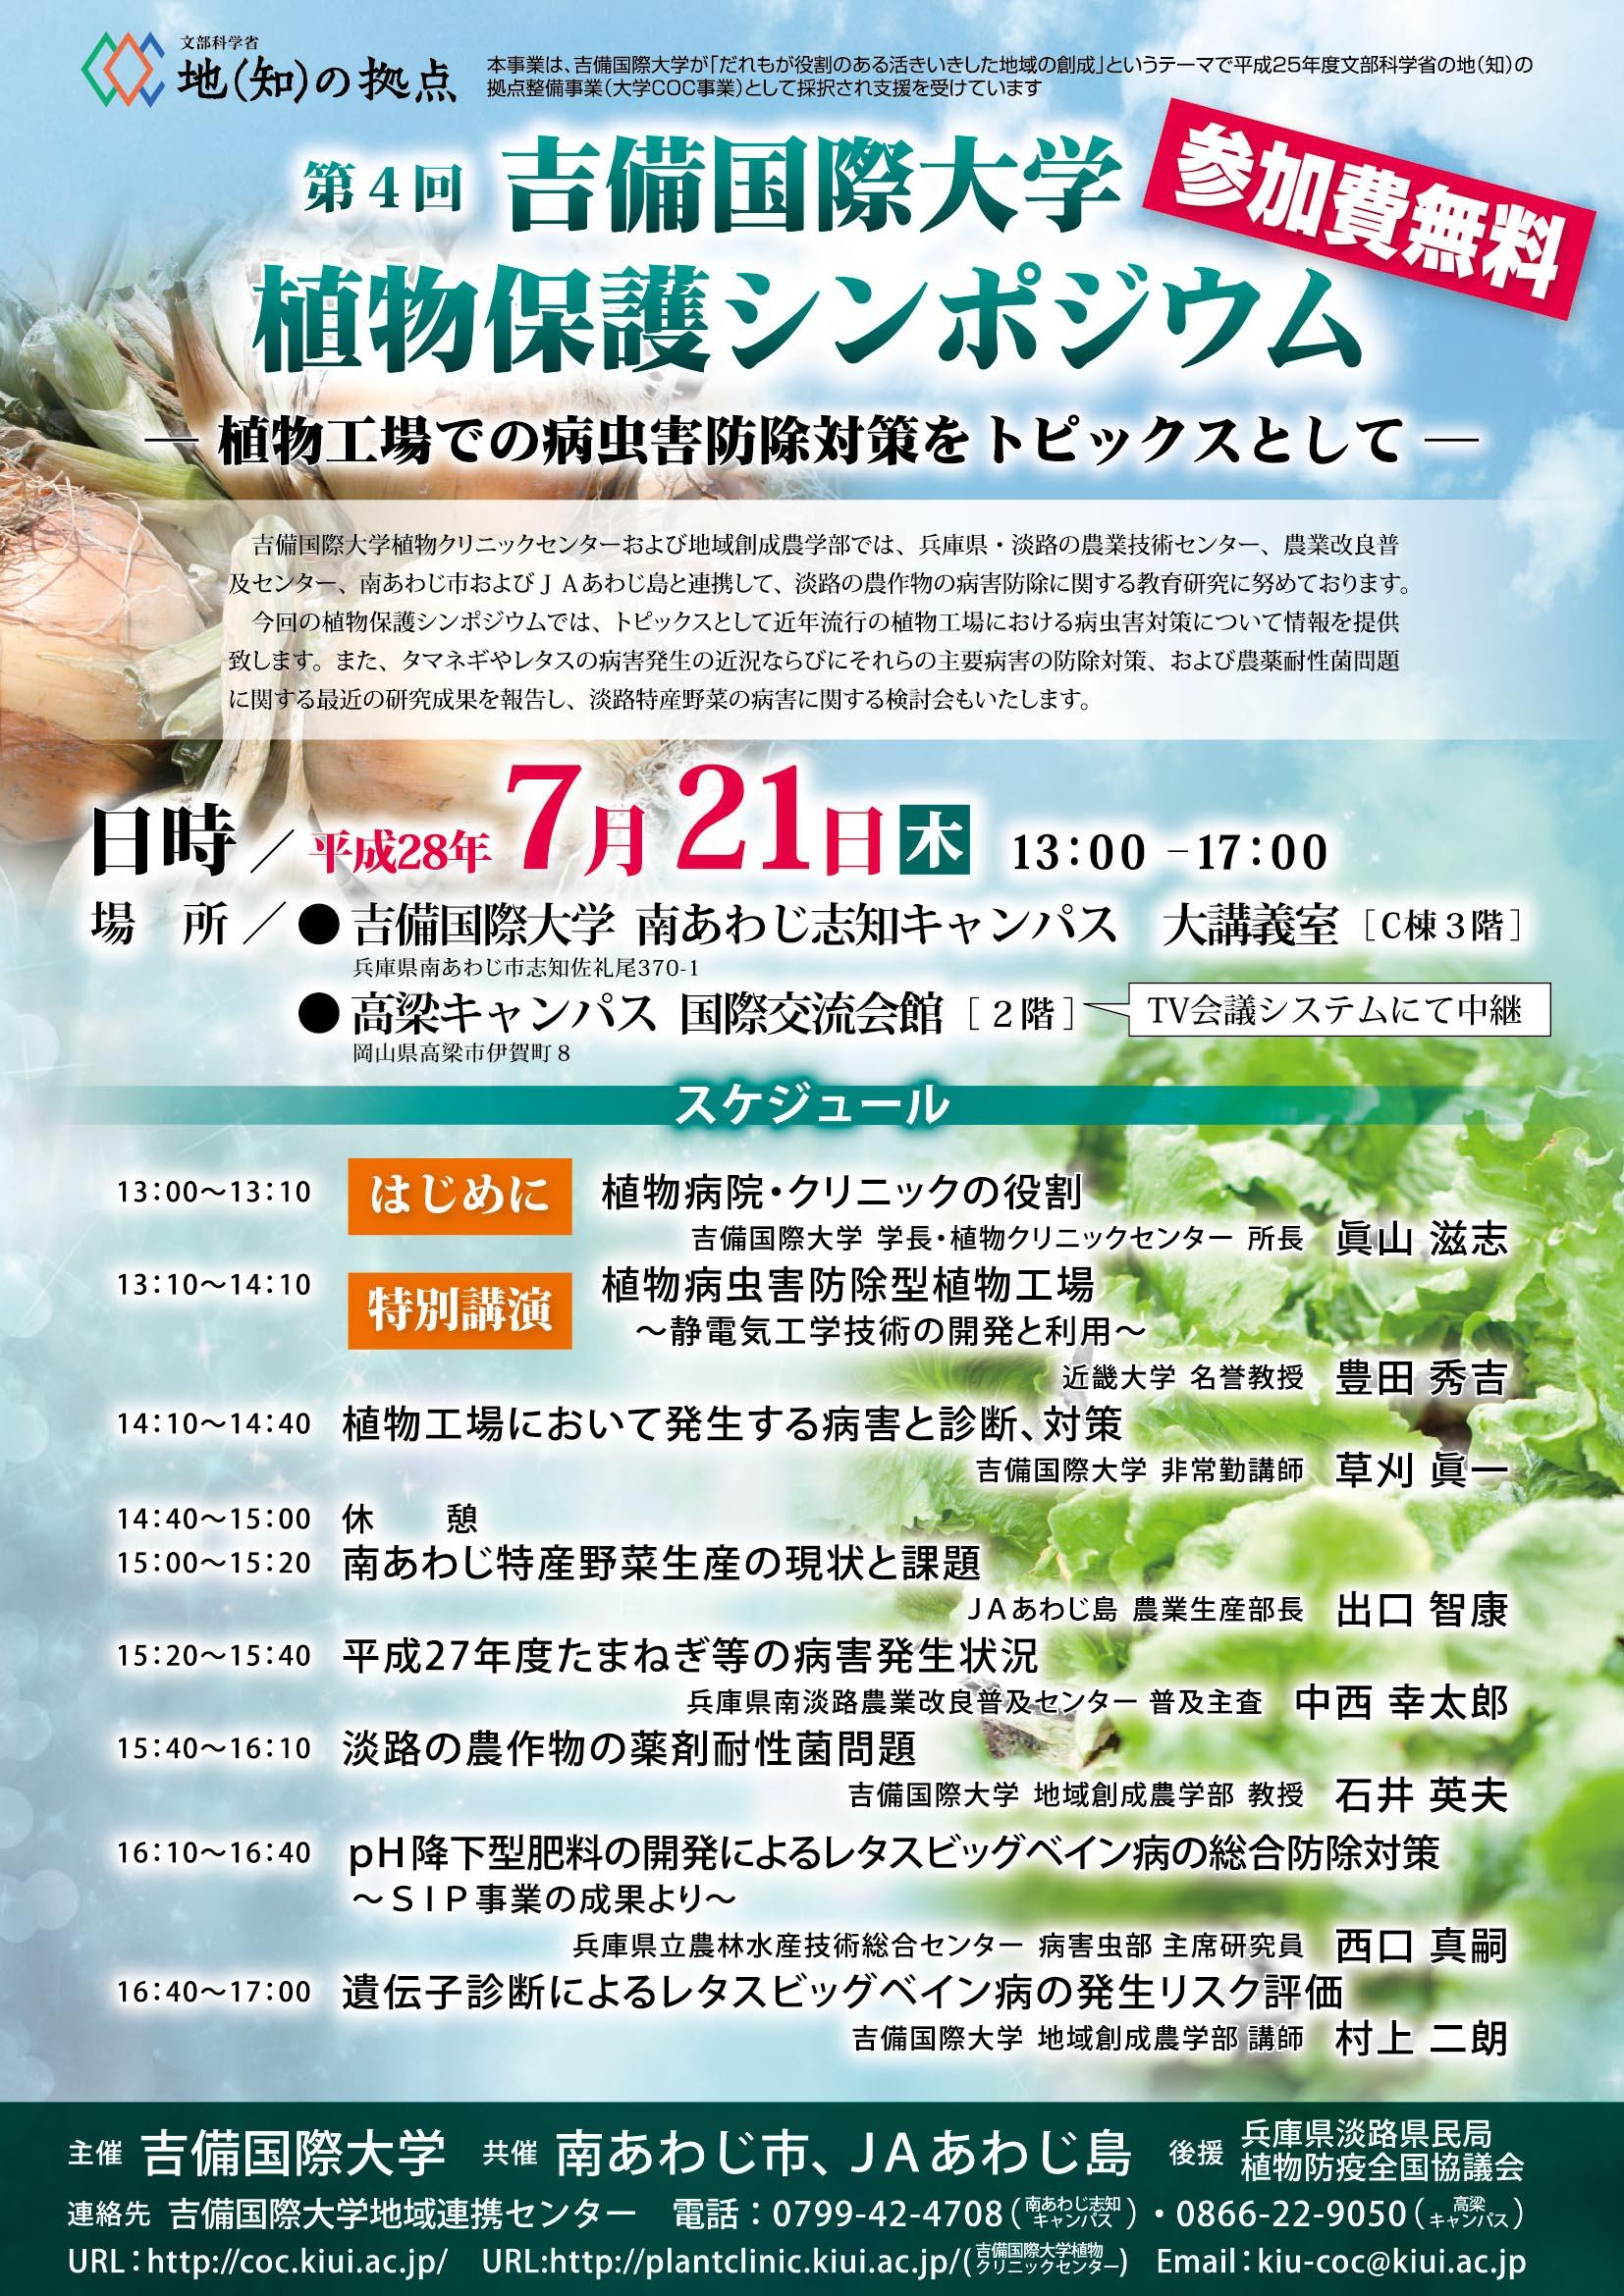 第4回植物保護シンポジウム